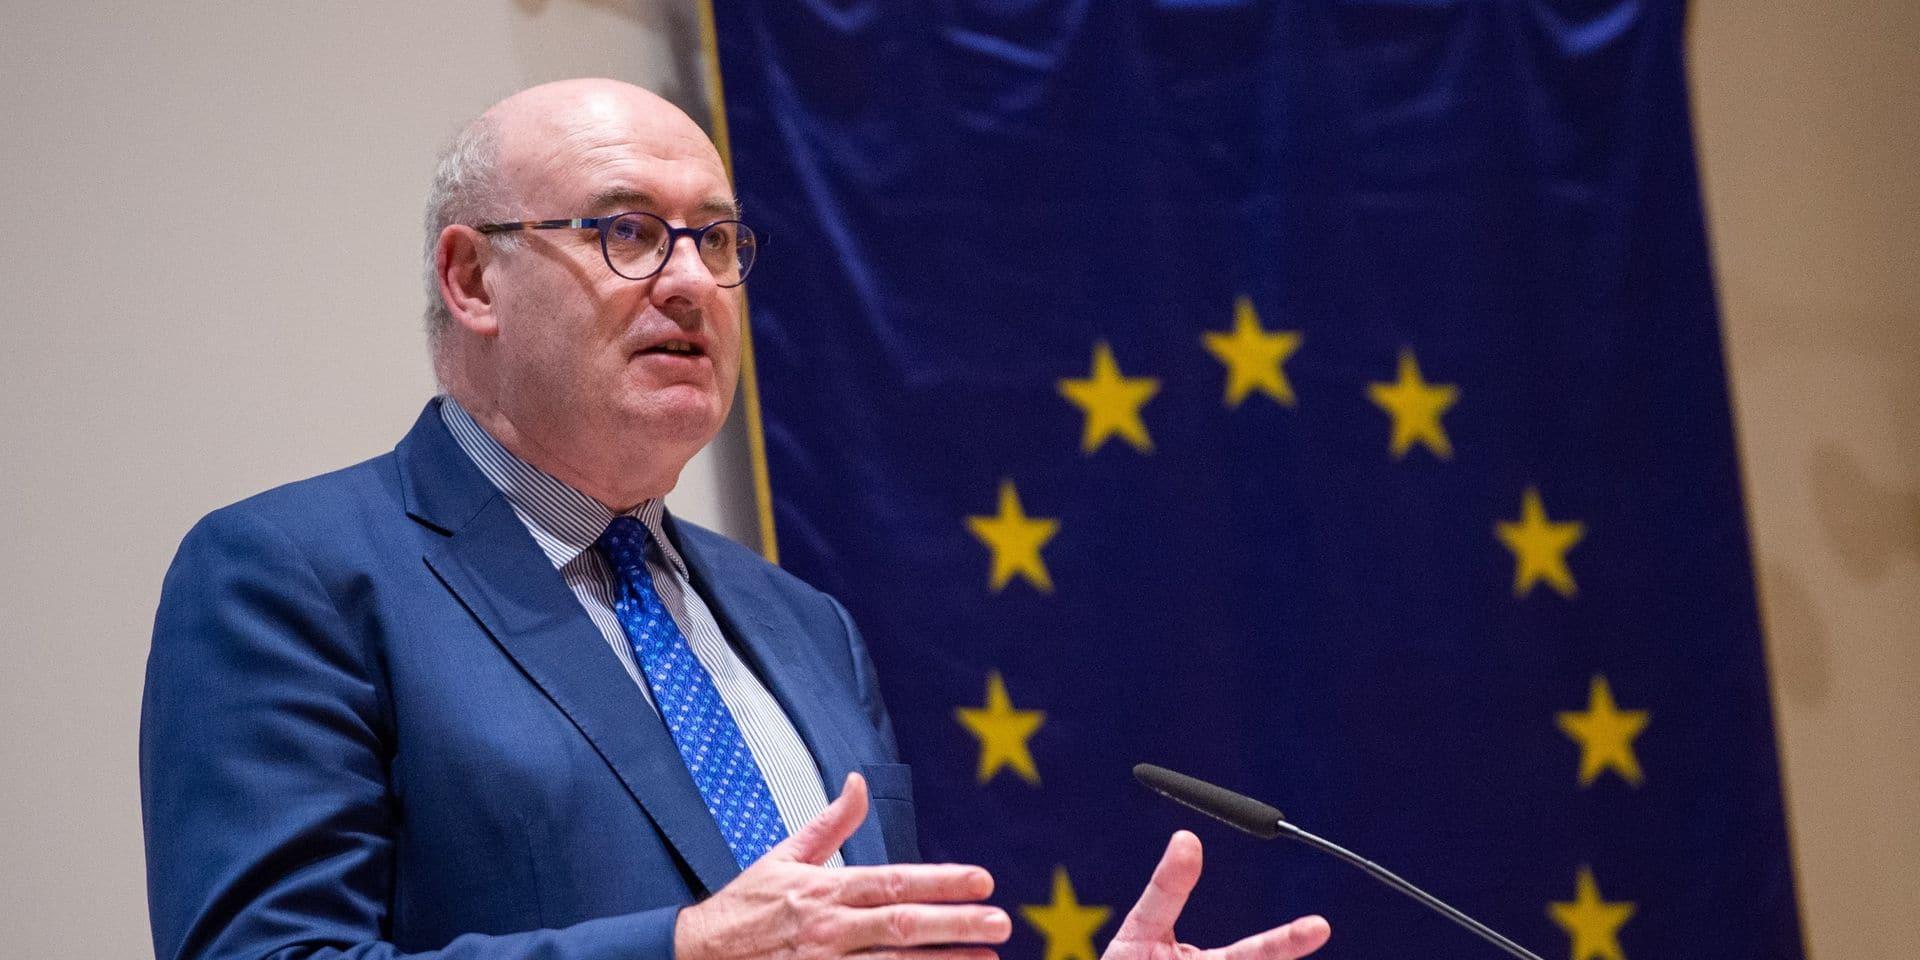 Le commissaire européen Hogan se défend d'avoir enfreint sciemment les règles anti-virus